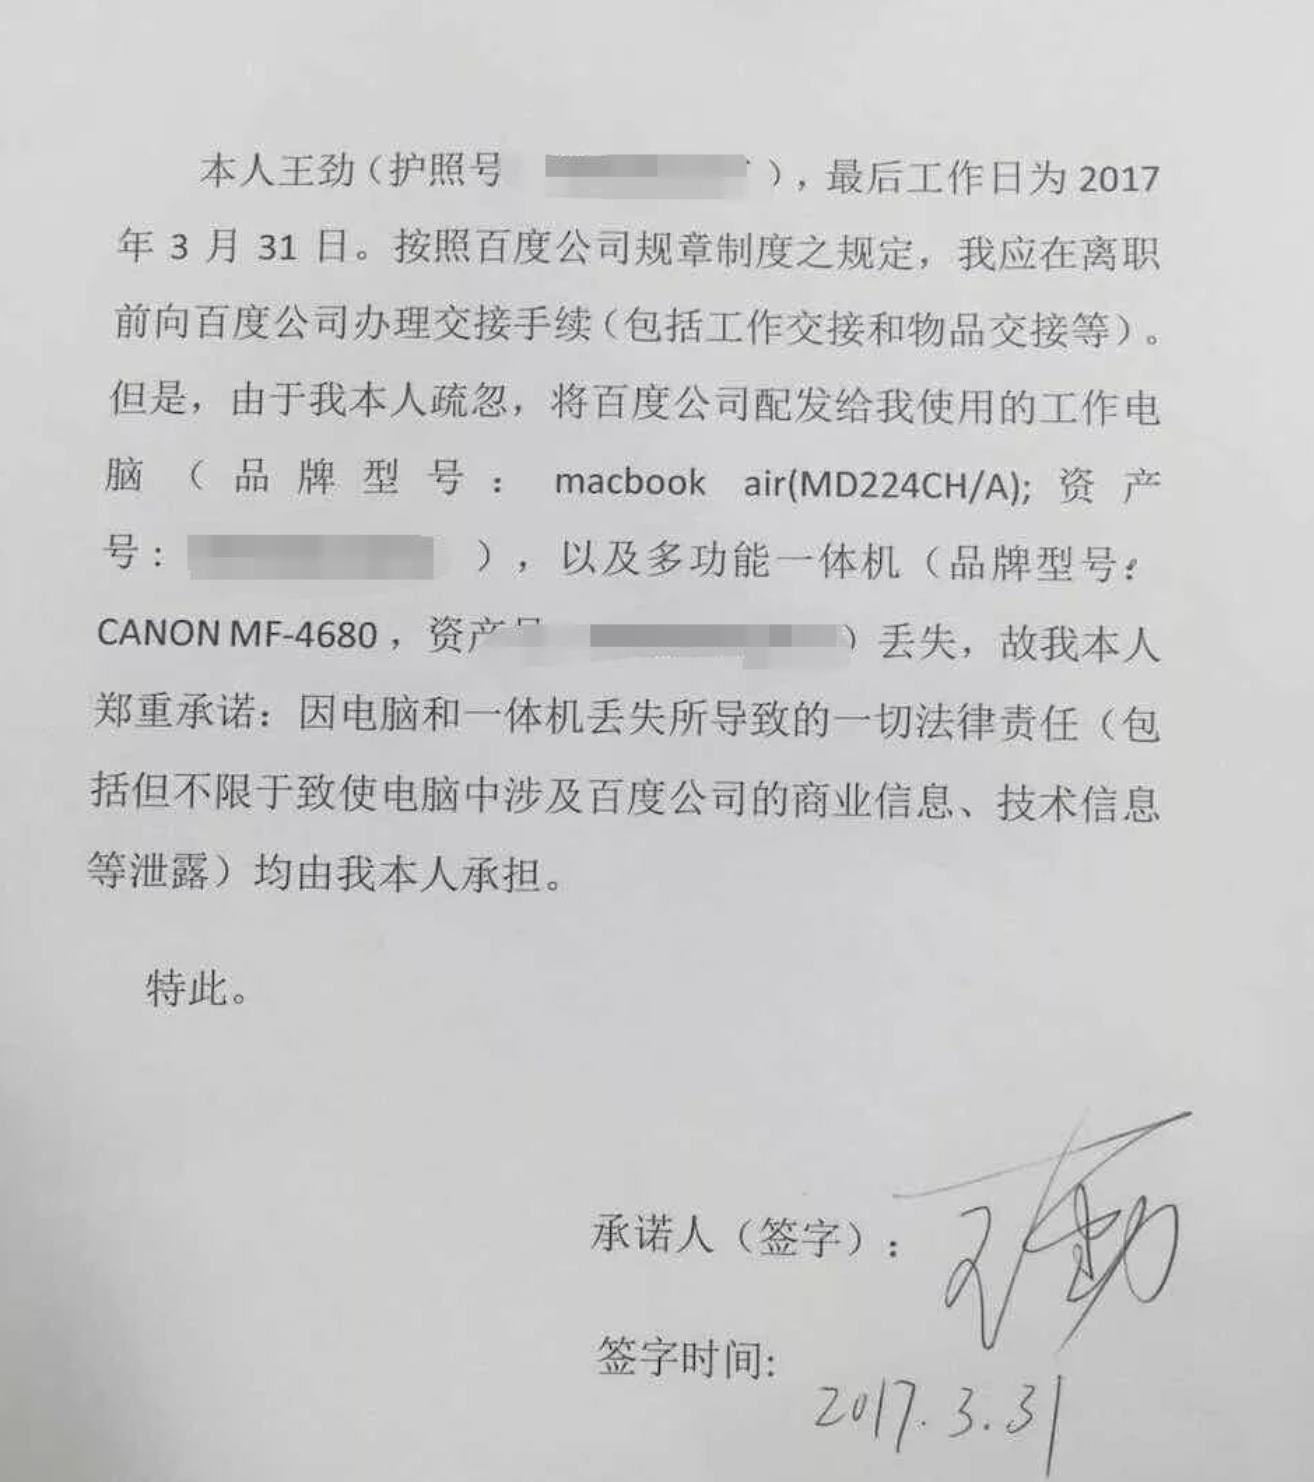 钛媒体APP 百度公布起诉前高管 实锤 王劲离职前未交接电脑 钛快讯